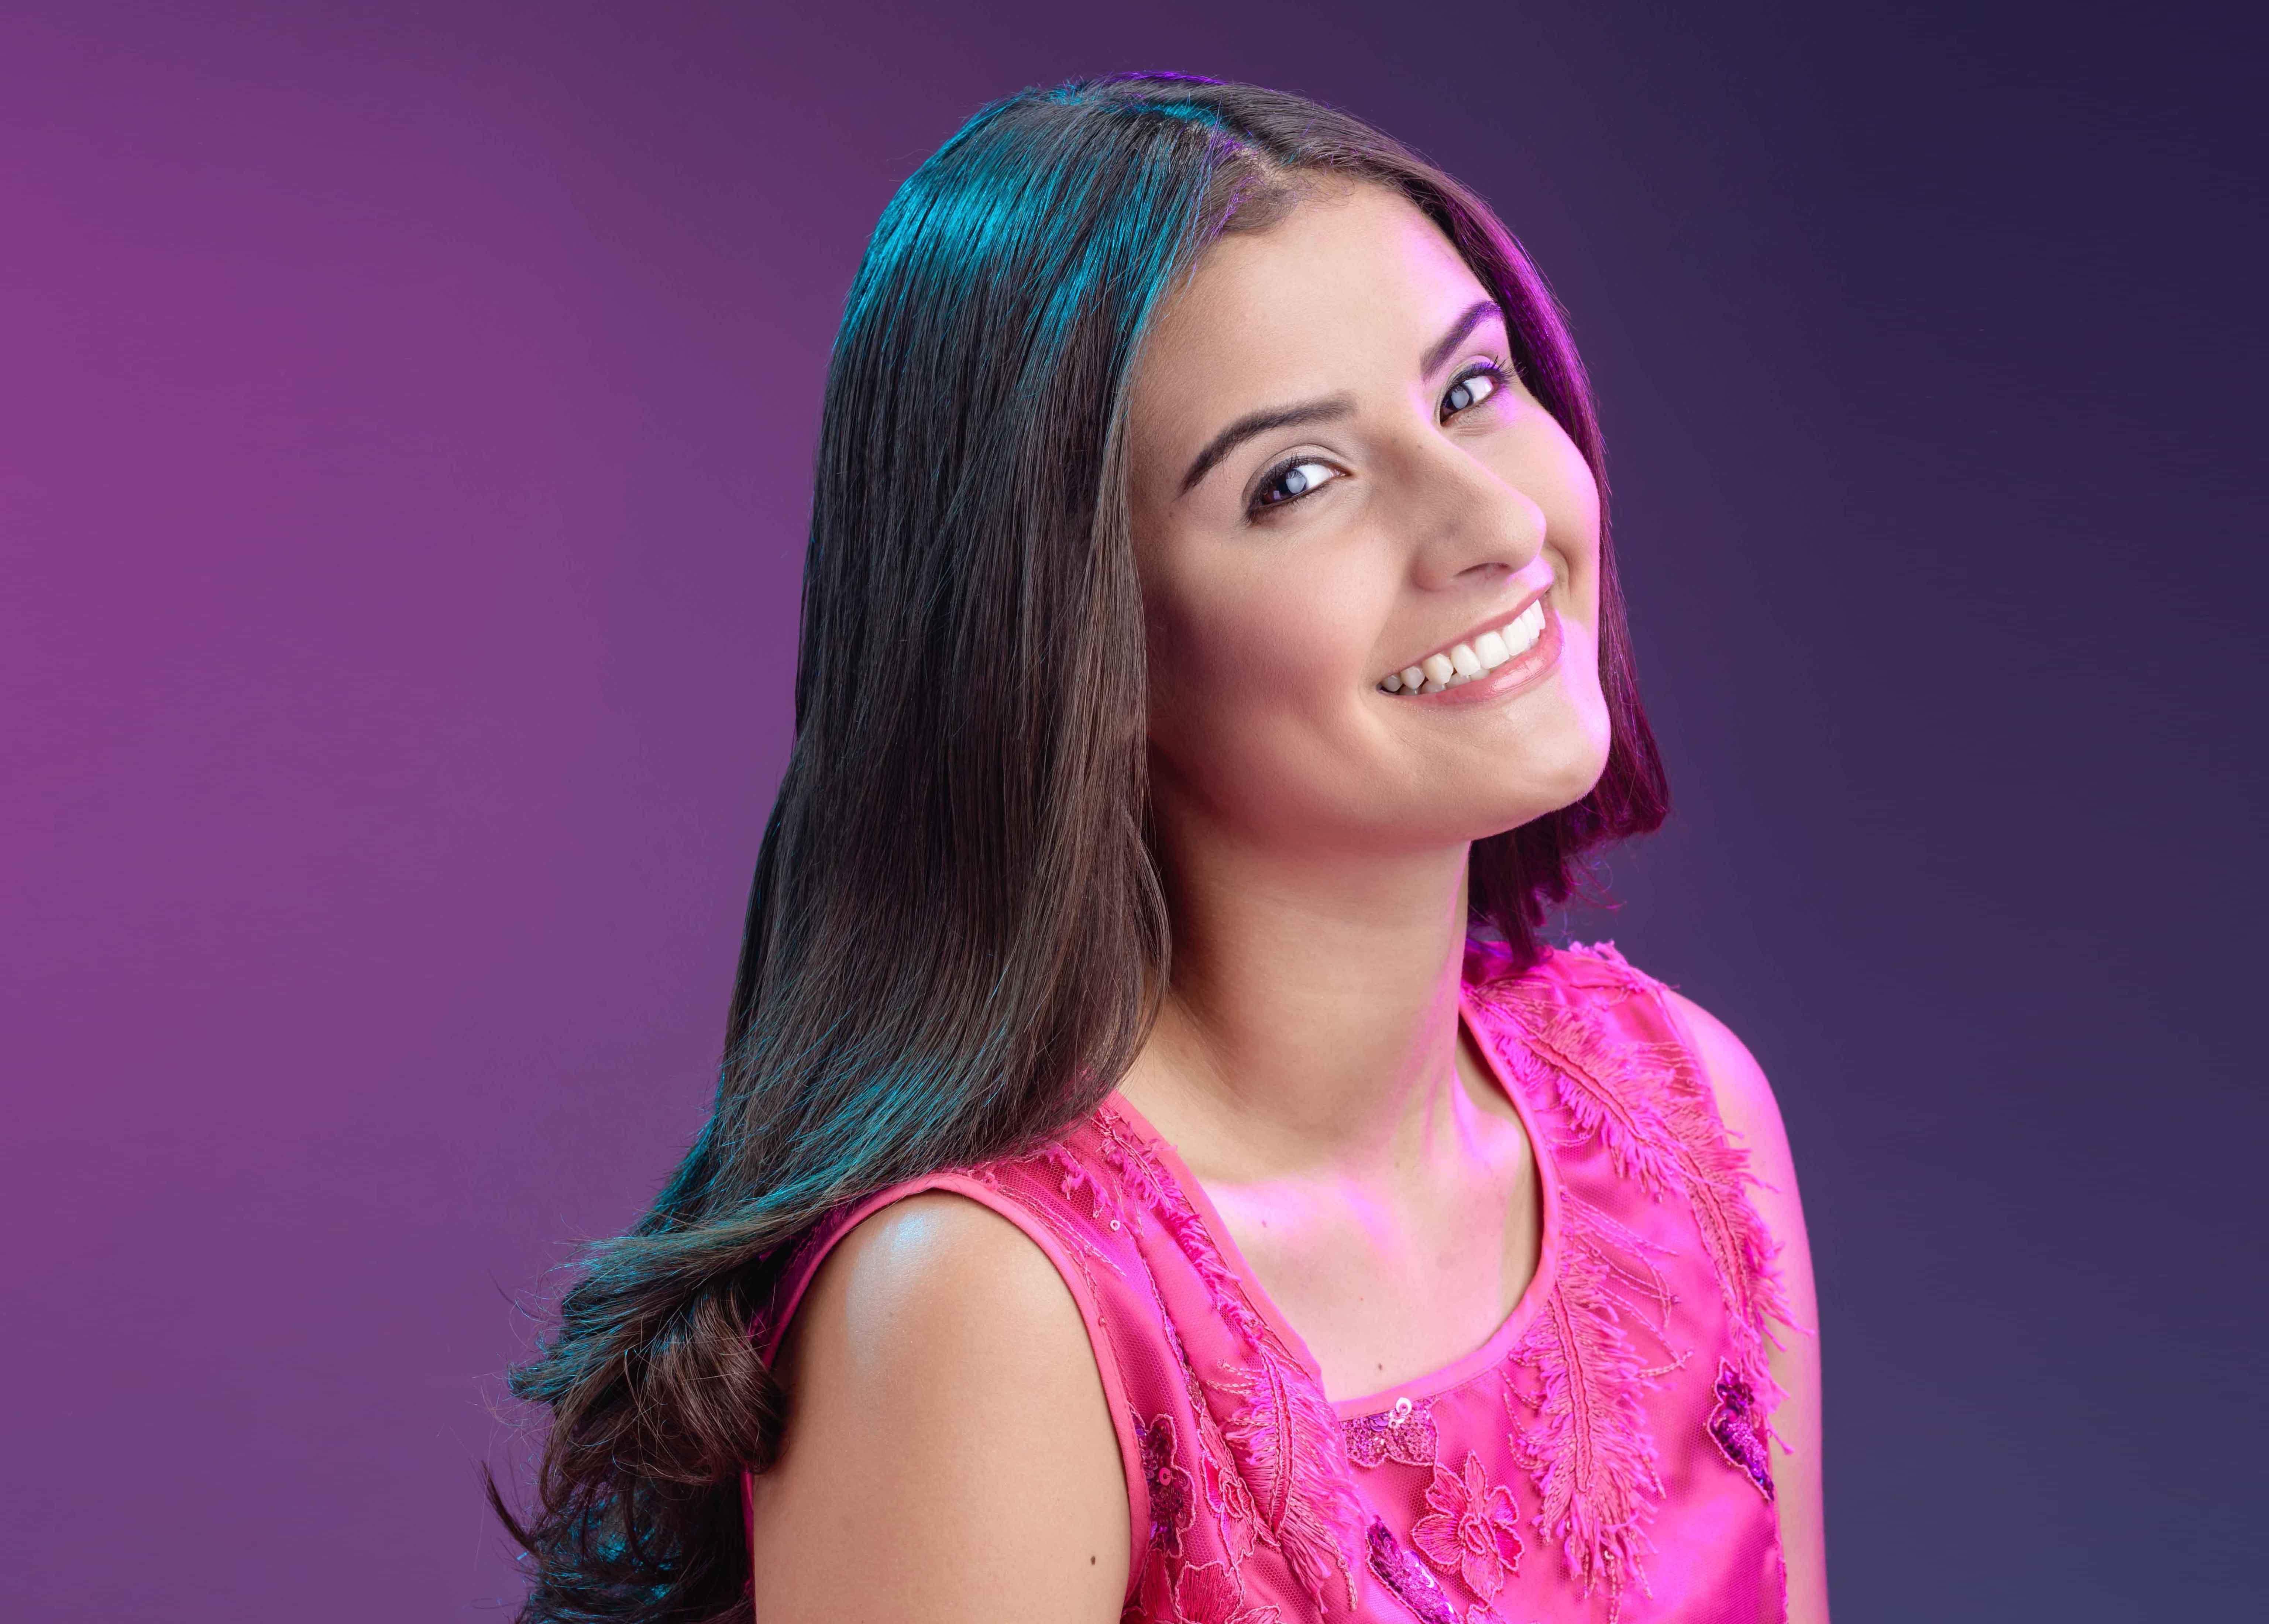 Alexa Alejos, la candidata a Miss Teen, que sueña con regalar sonrisas